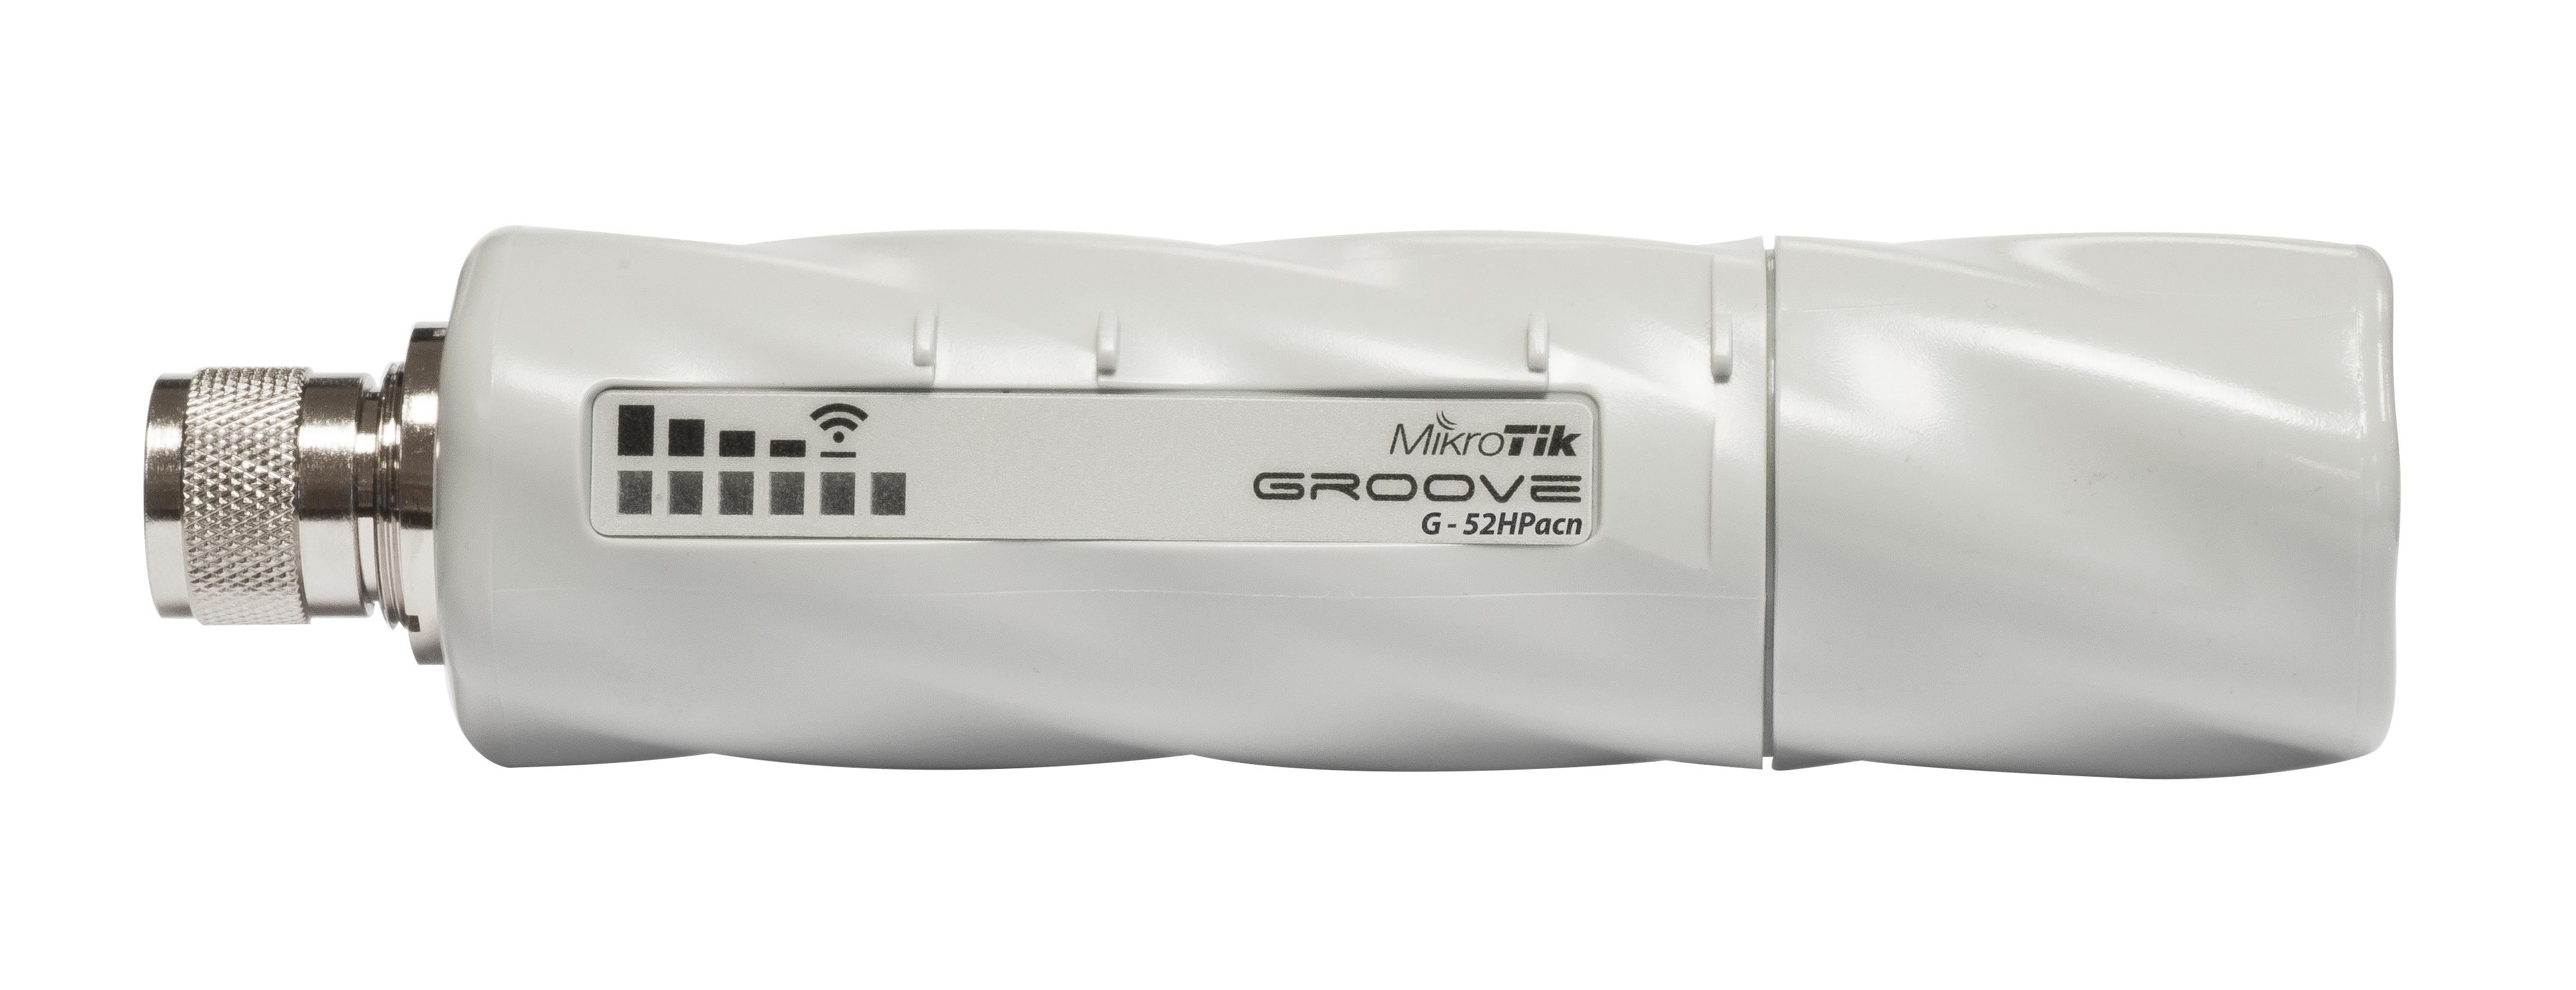 ������������ ����� ������� Mikrotik Groove 52 ac